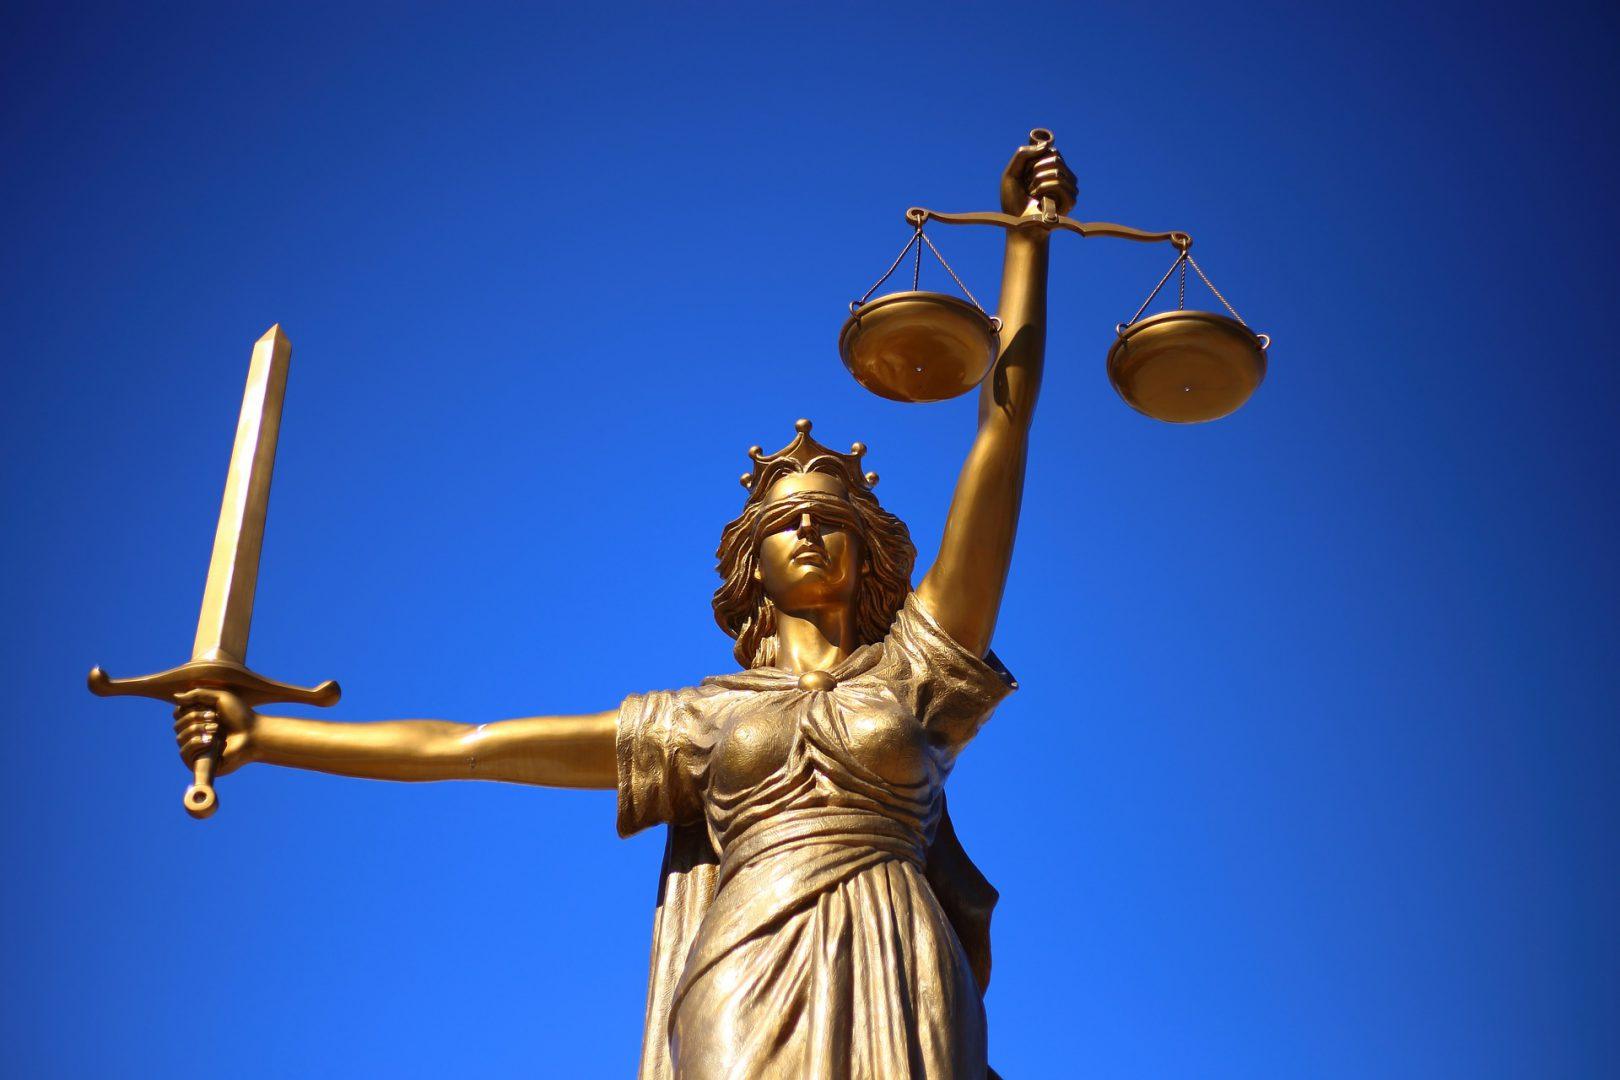 Відкрито судове провадження через бездіяльність Кабміну з питань продажу землі